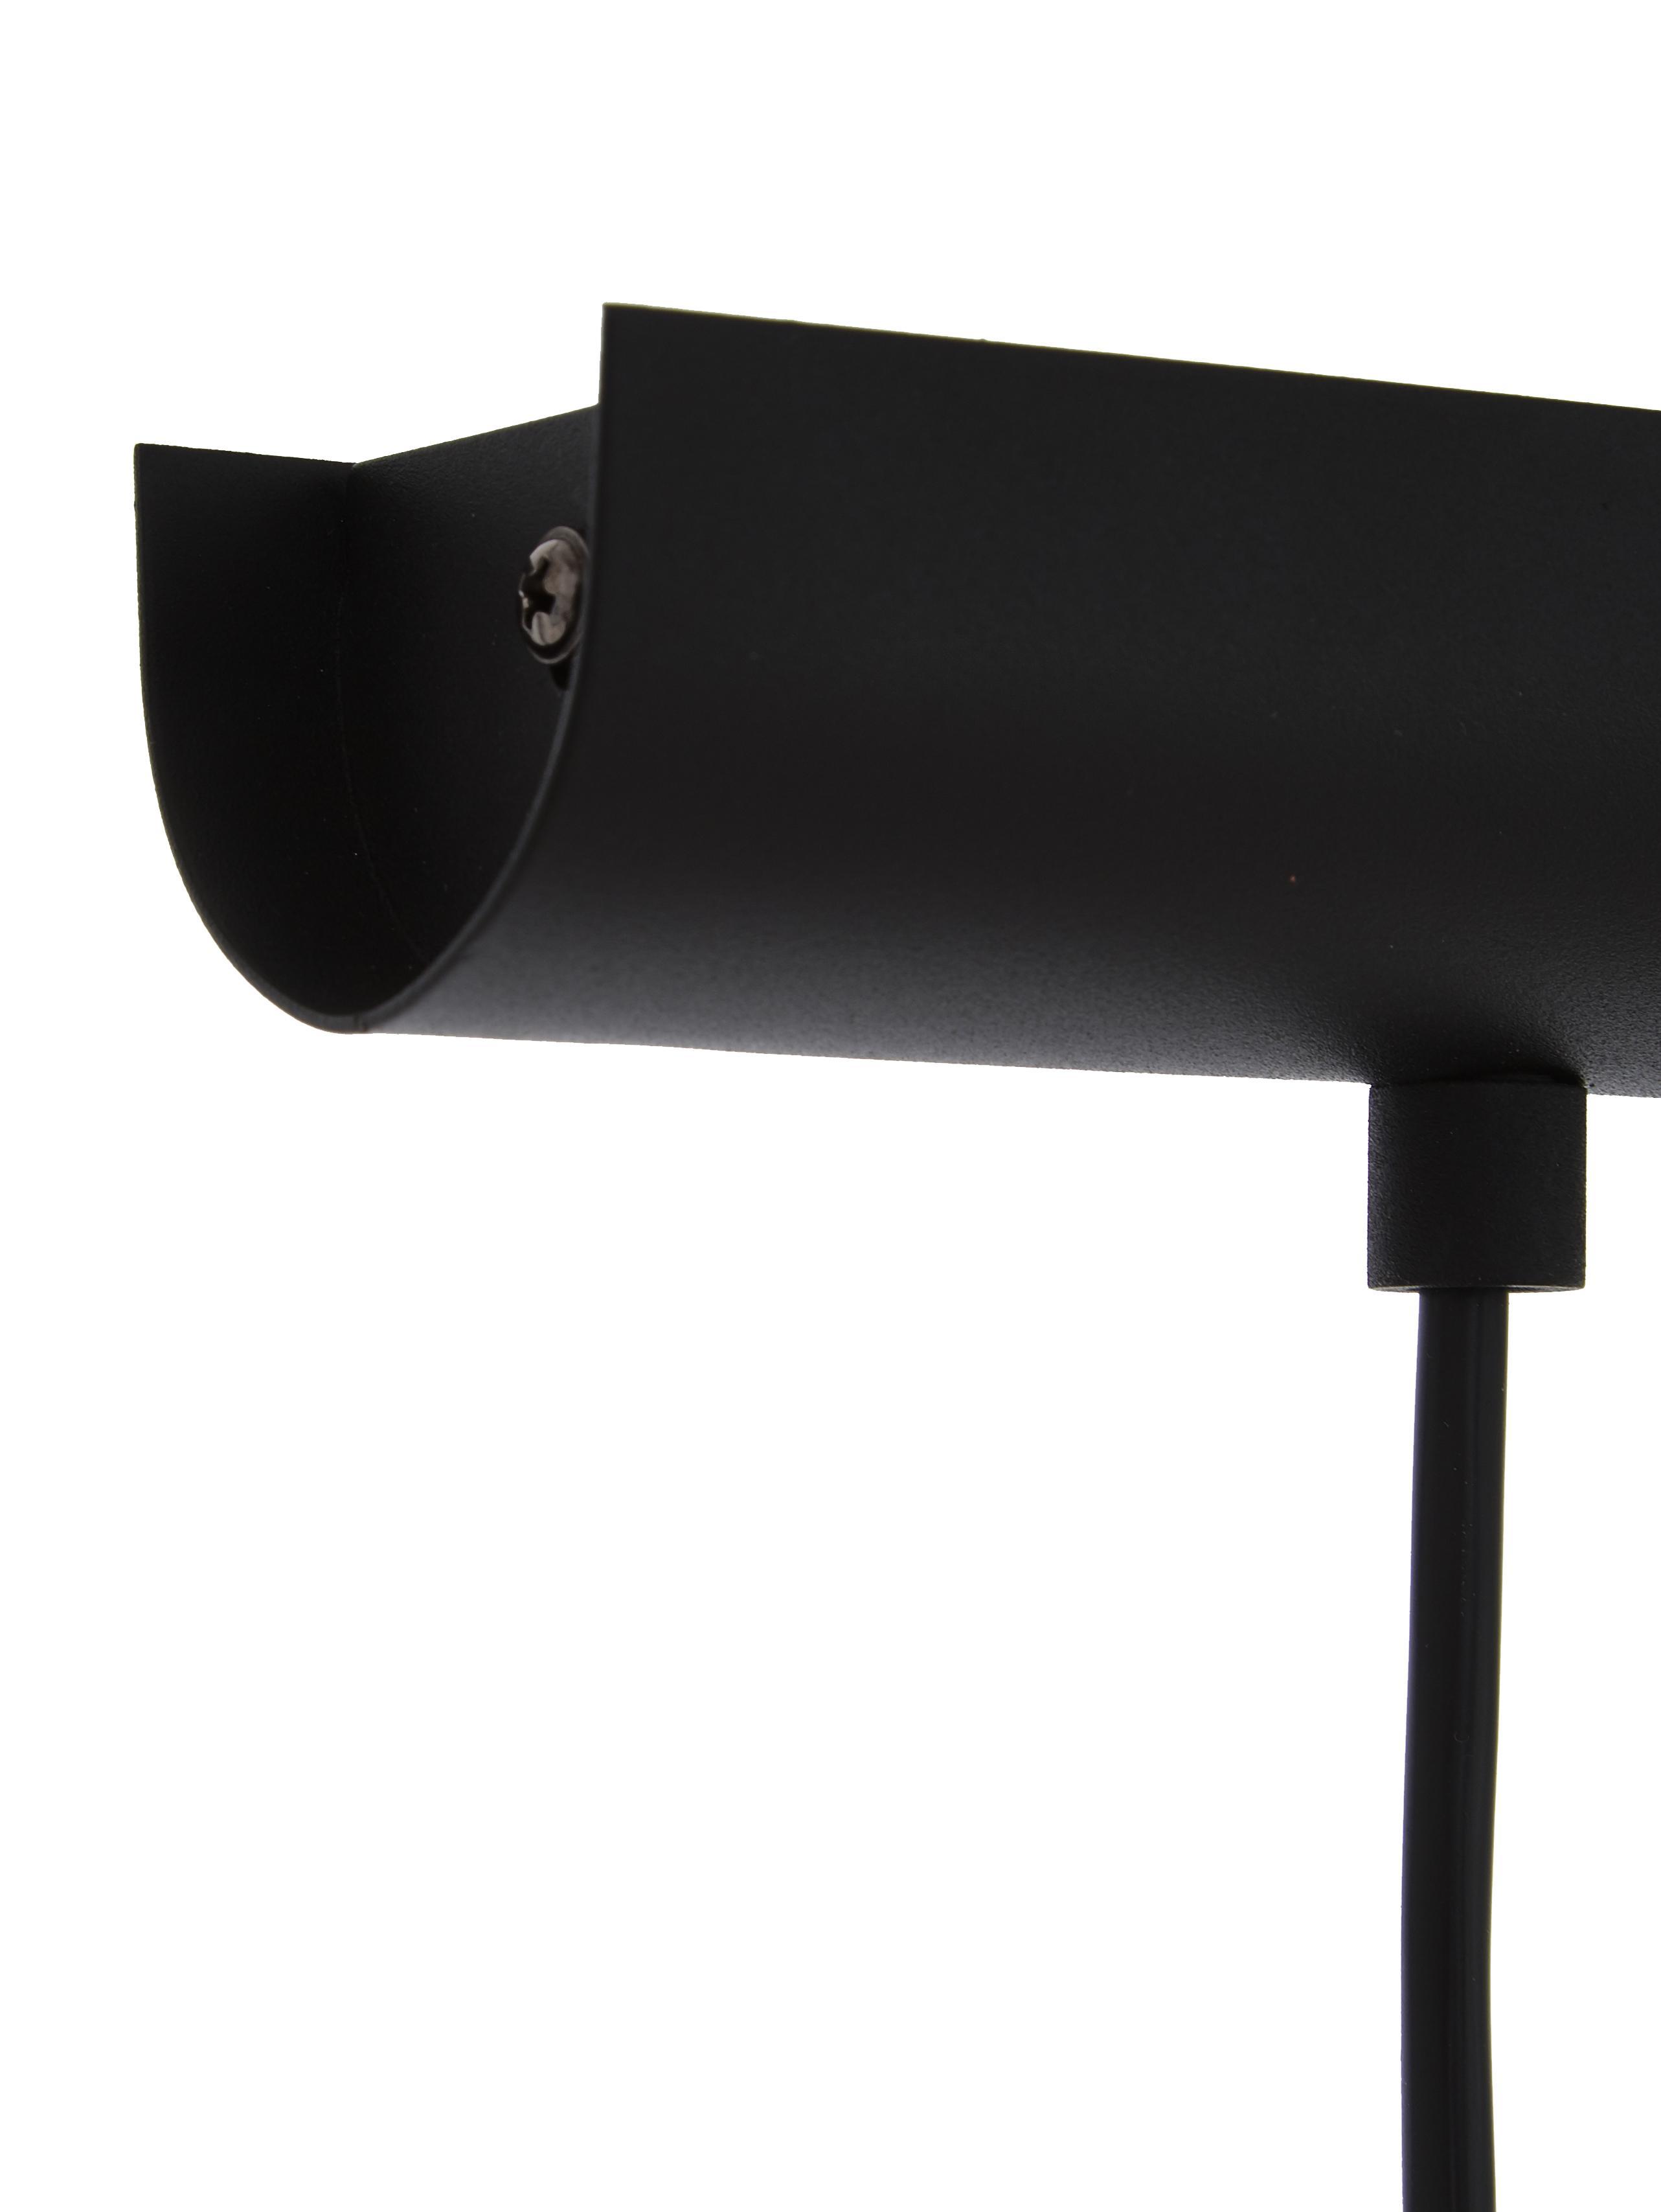 Große Pendelleuchte Priddy, Stahl, lackiert, Schwarz, 98 x 20 cm